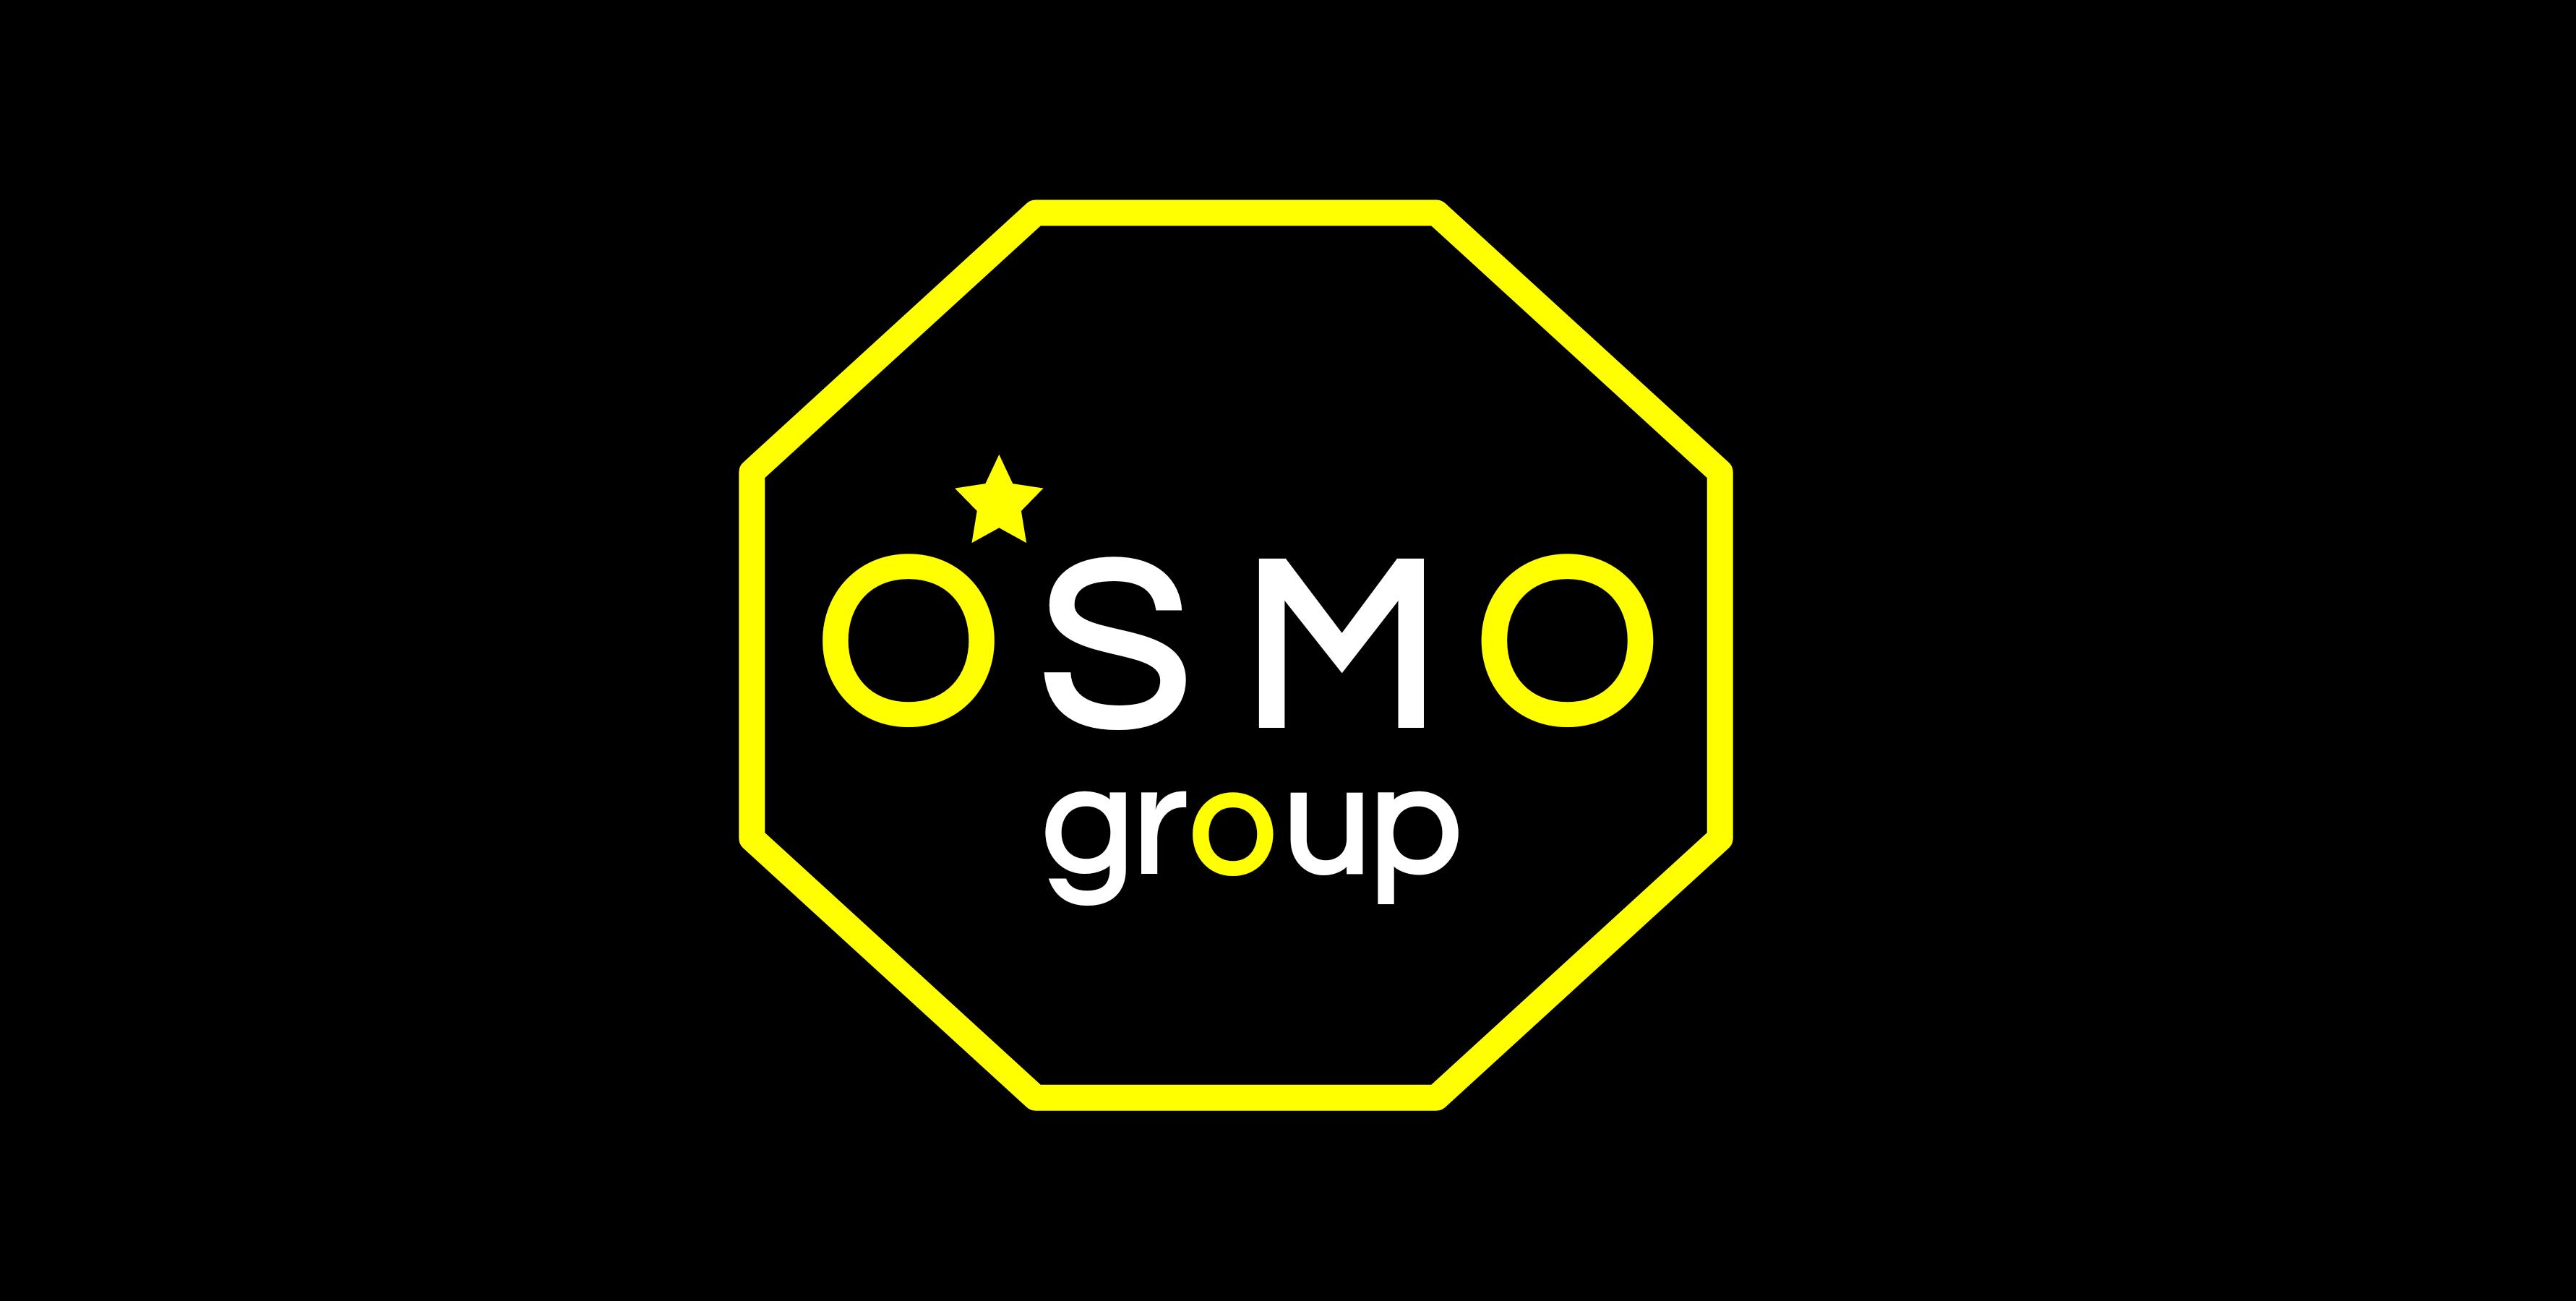 Создание логотипа для строительной компании OSMO group  фото f_55759b6c2739d342.png